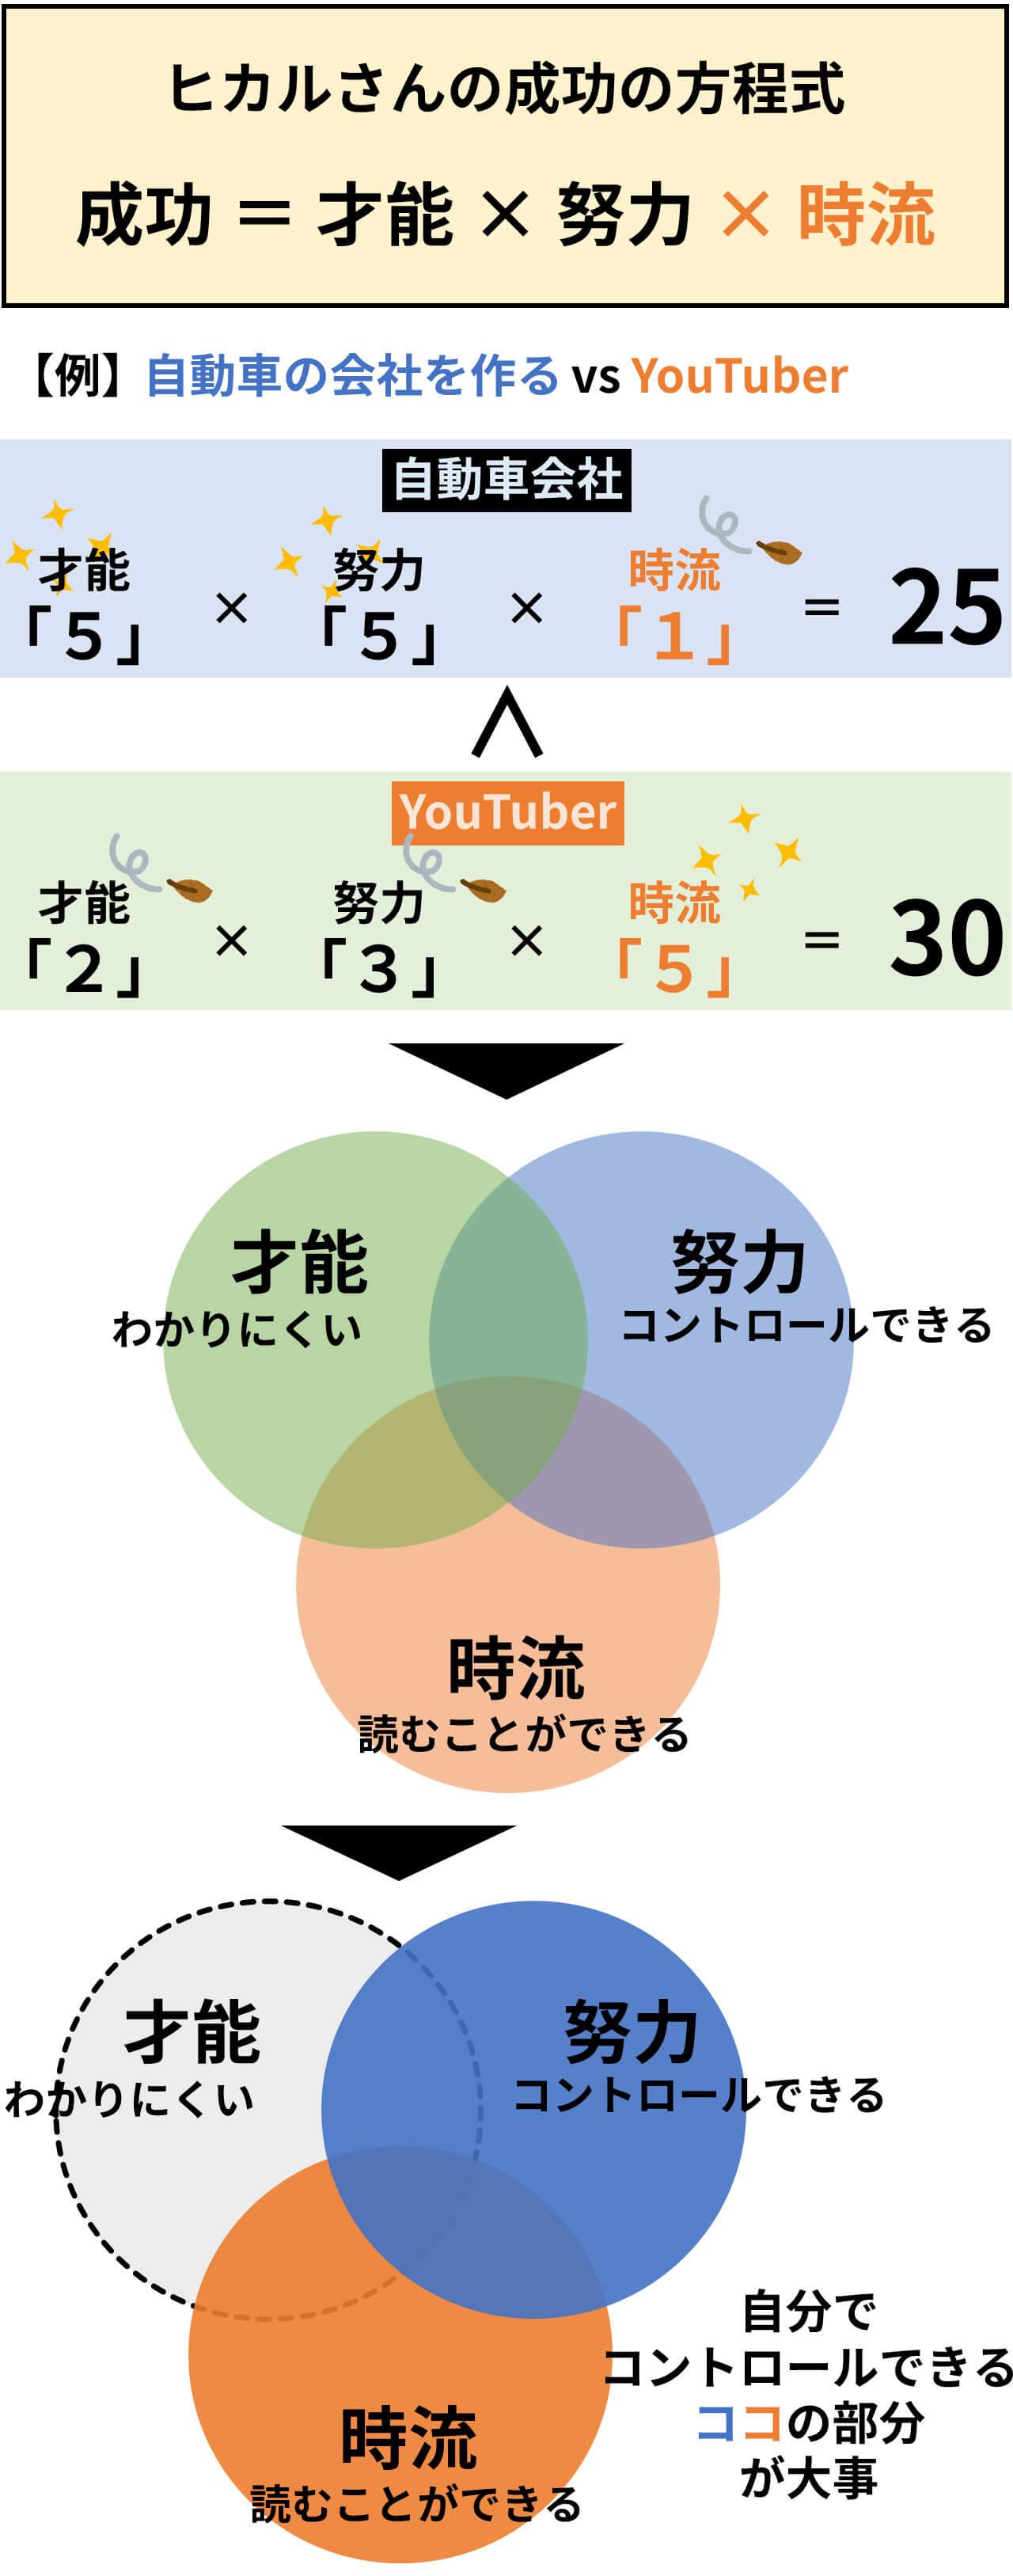 ヒカルさんの成功の方程式